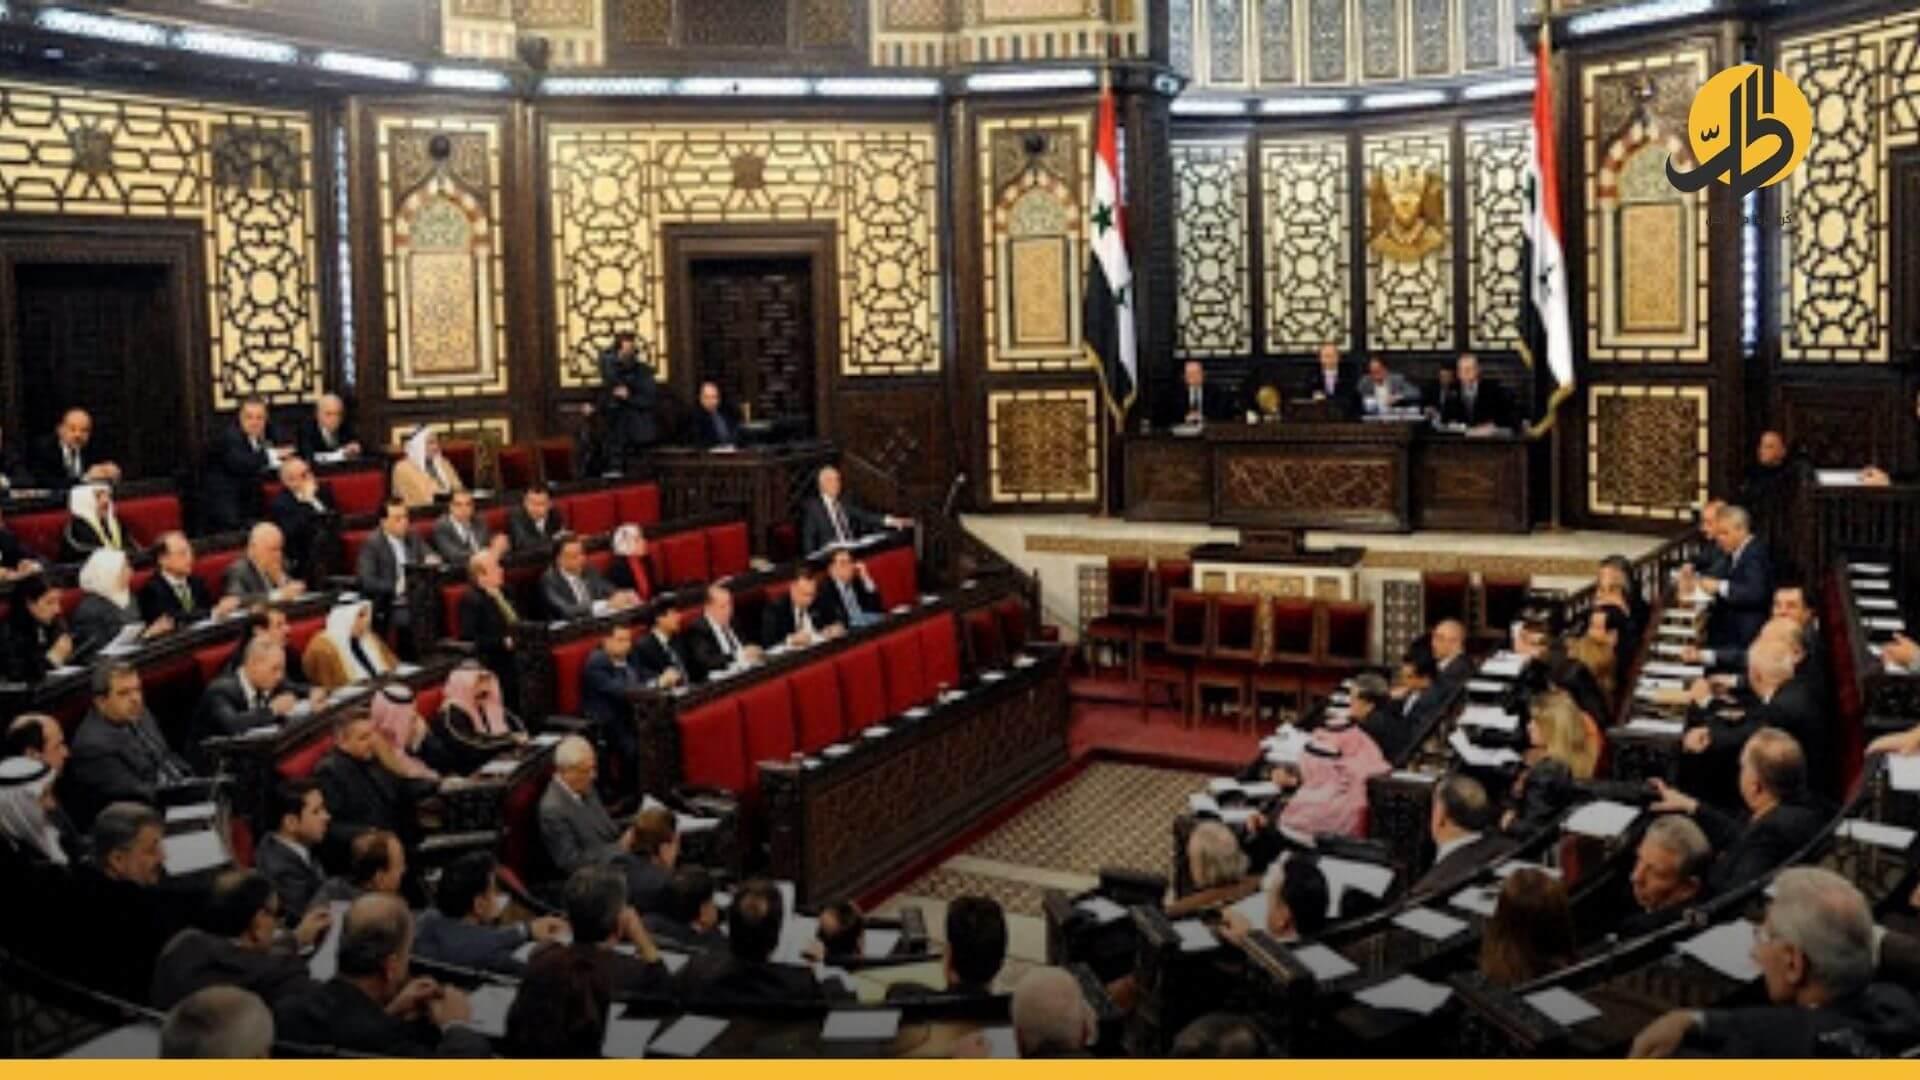 برلمانيون سوريون يطالبون بسياراتٍ تعمل على الكهرباء.. هل انتهت أزمة البلاد؟